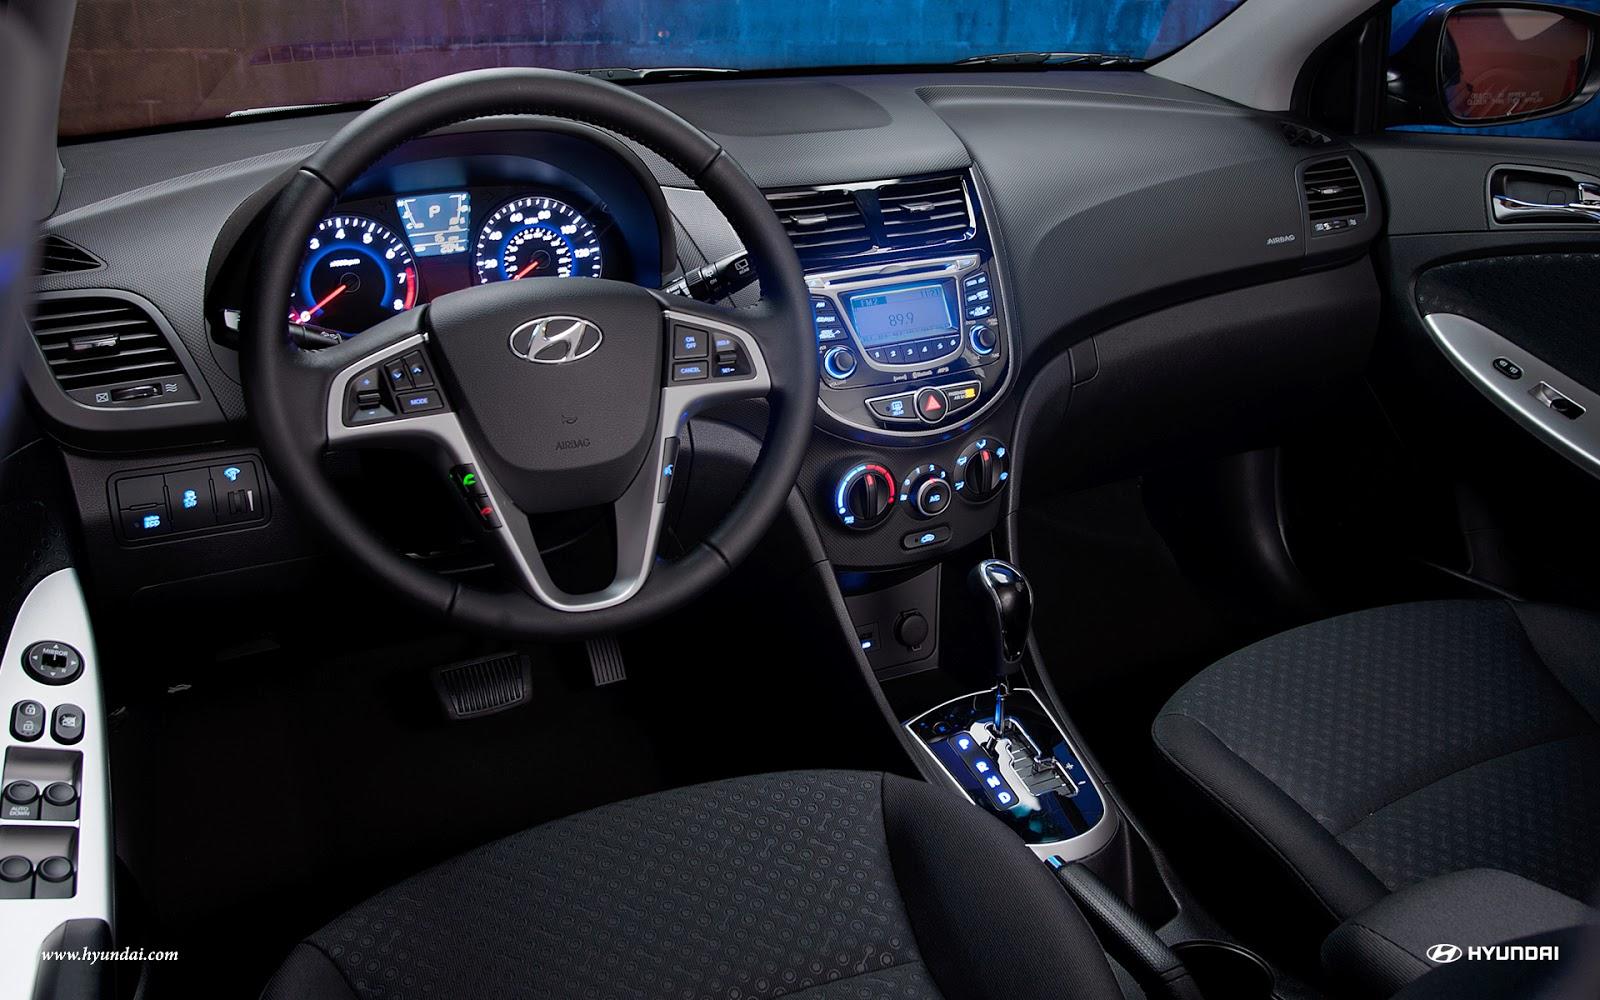 Todo Sobre Hyundai Accent 2014